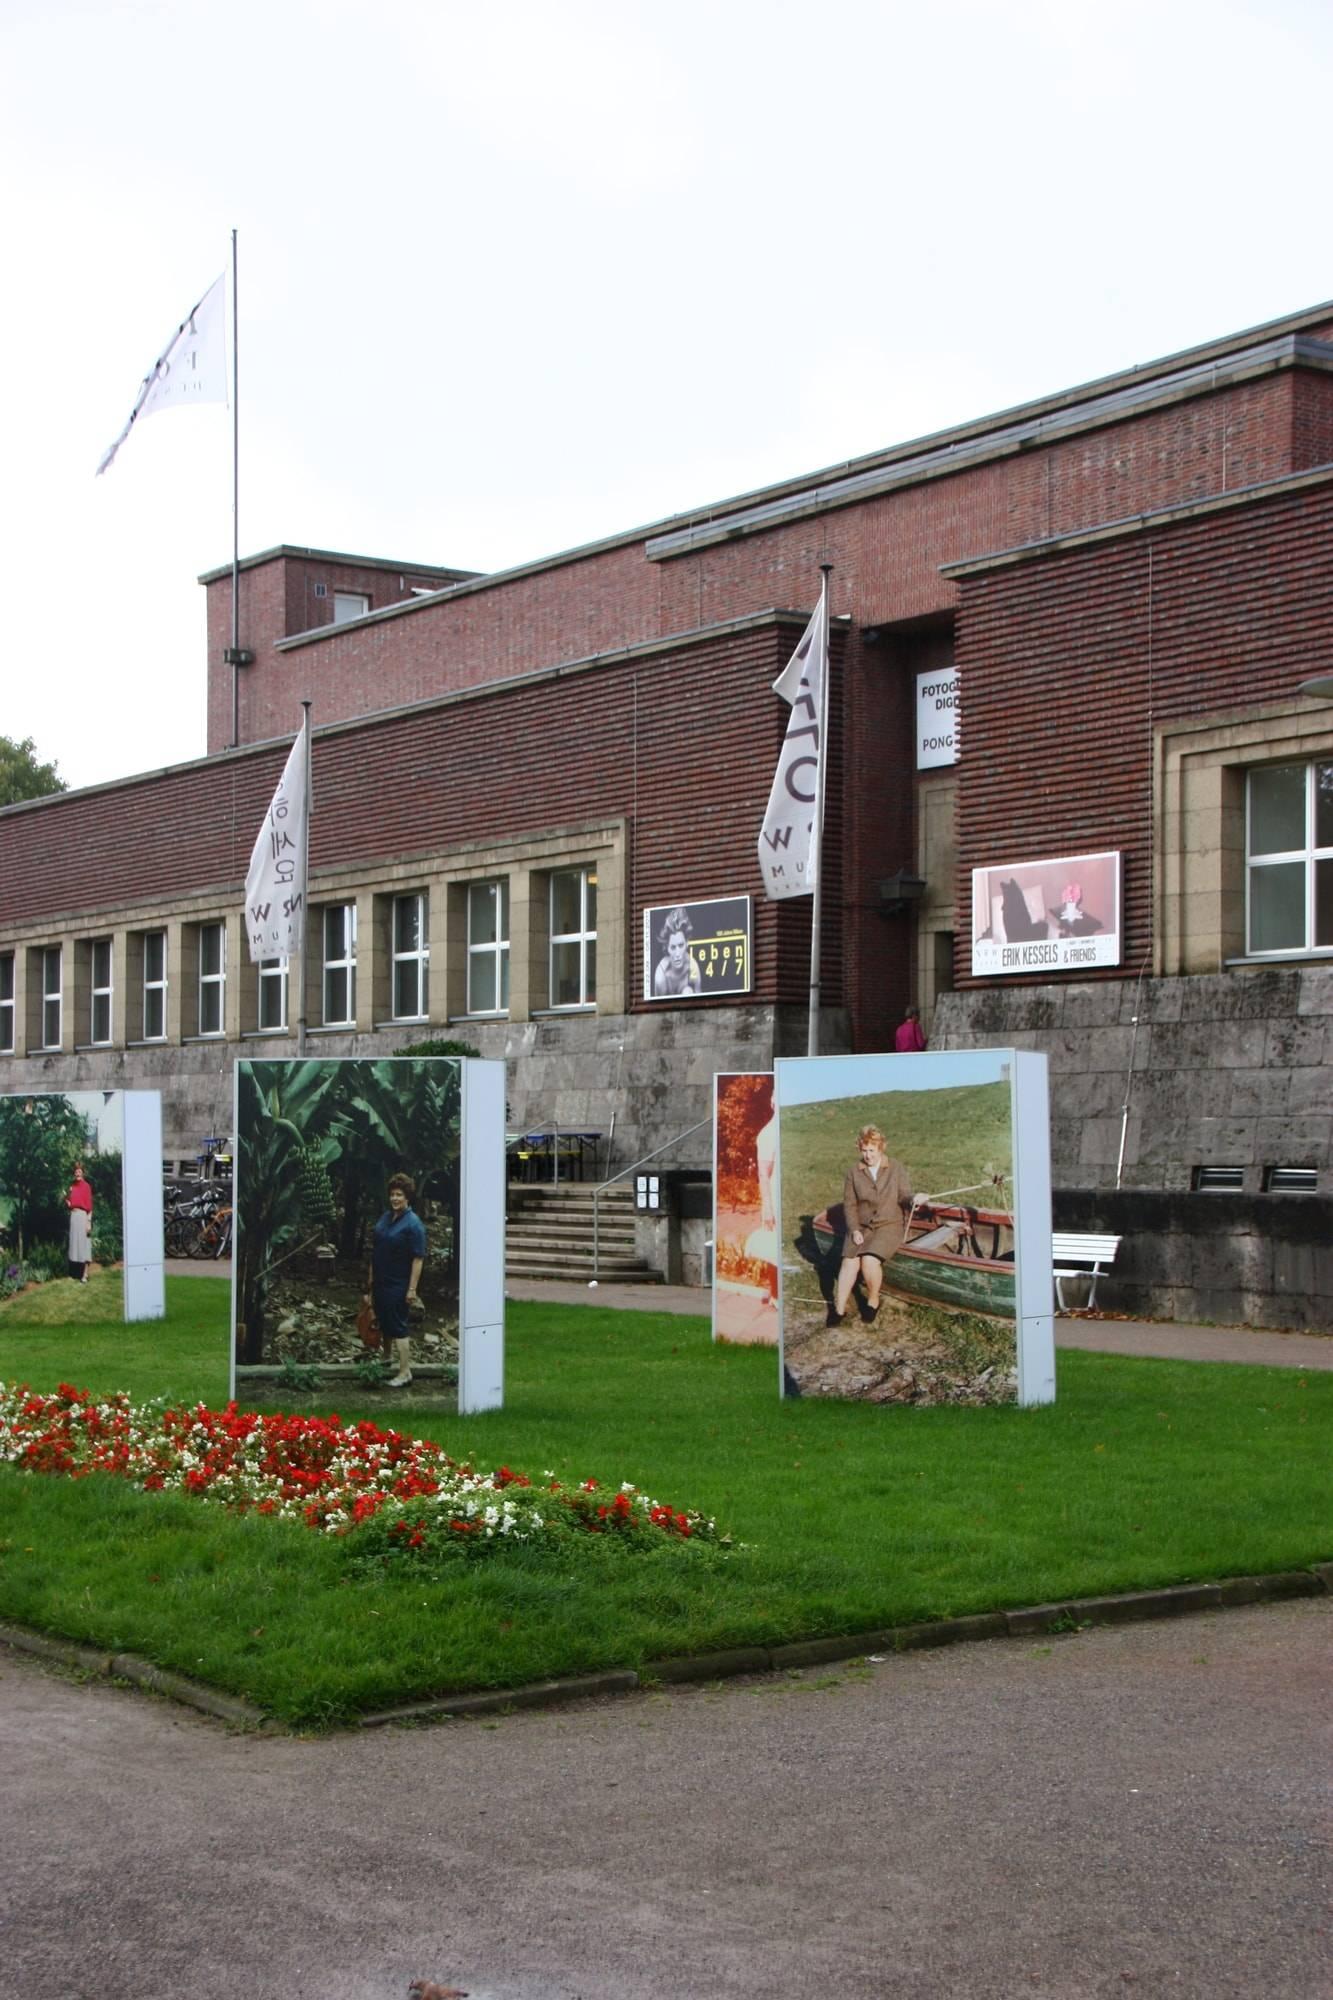 NRW Forum